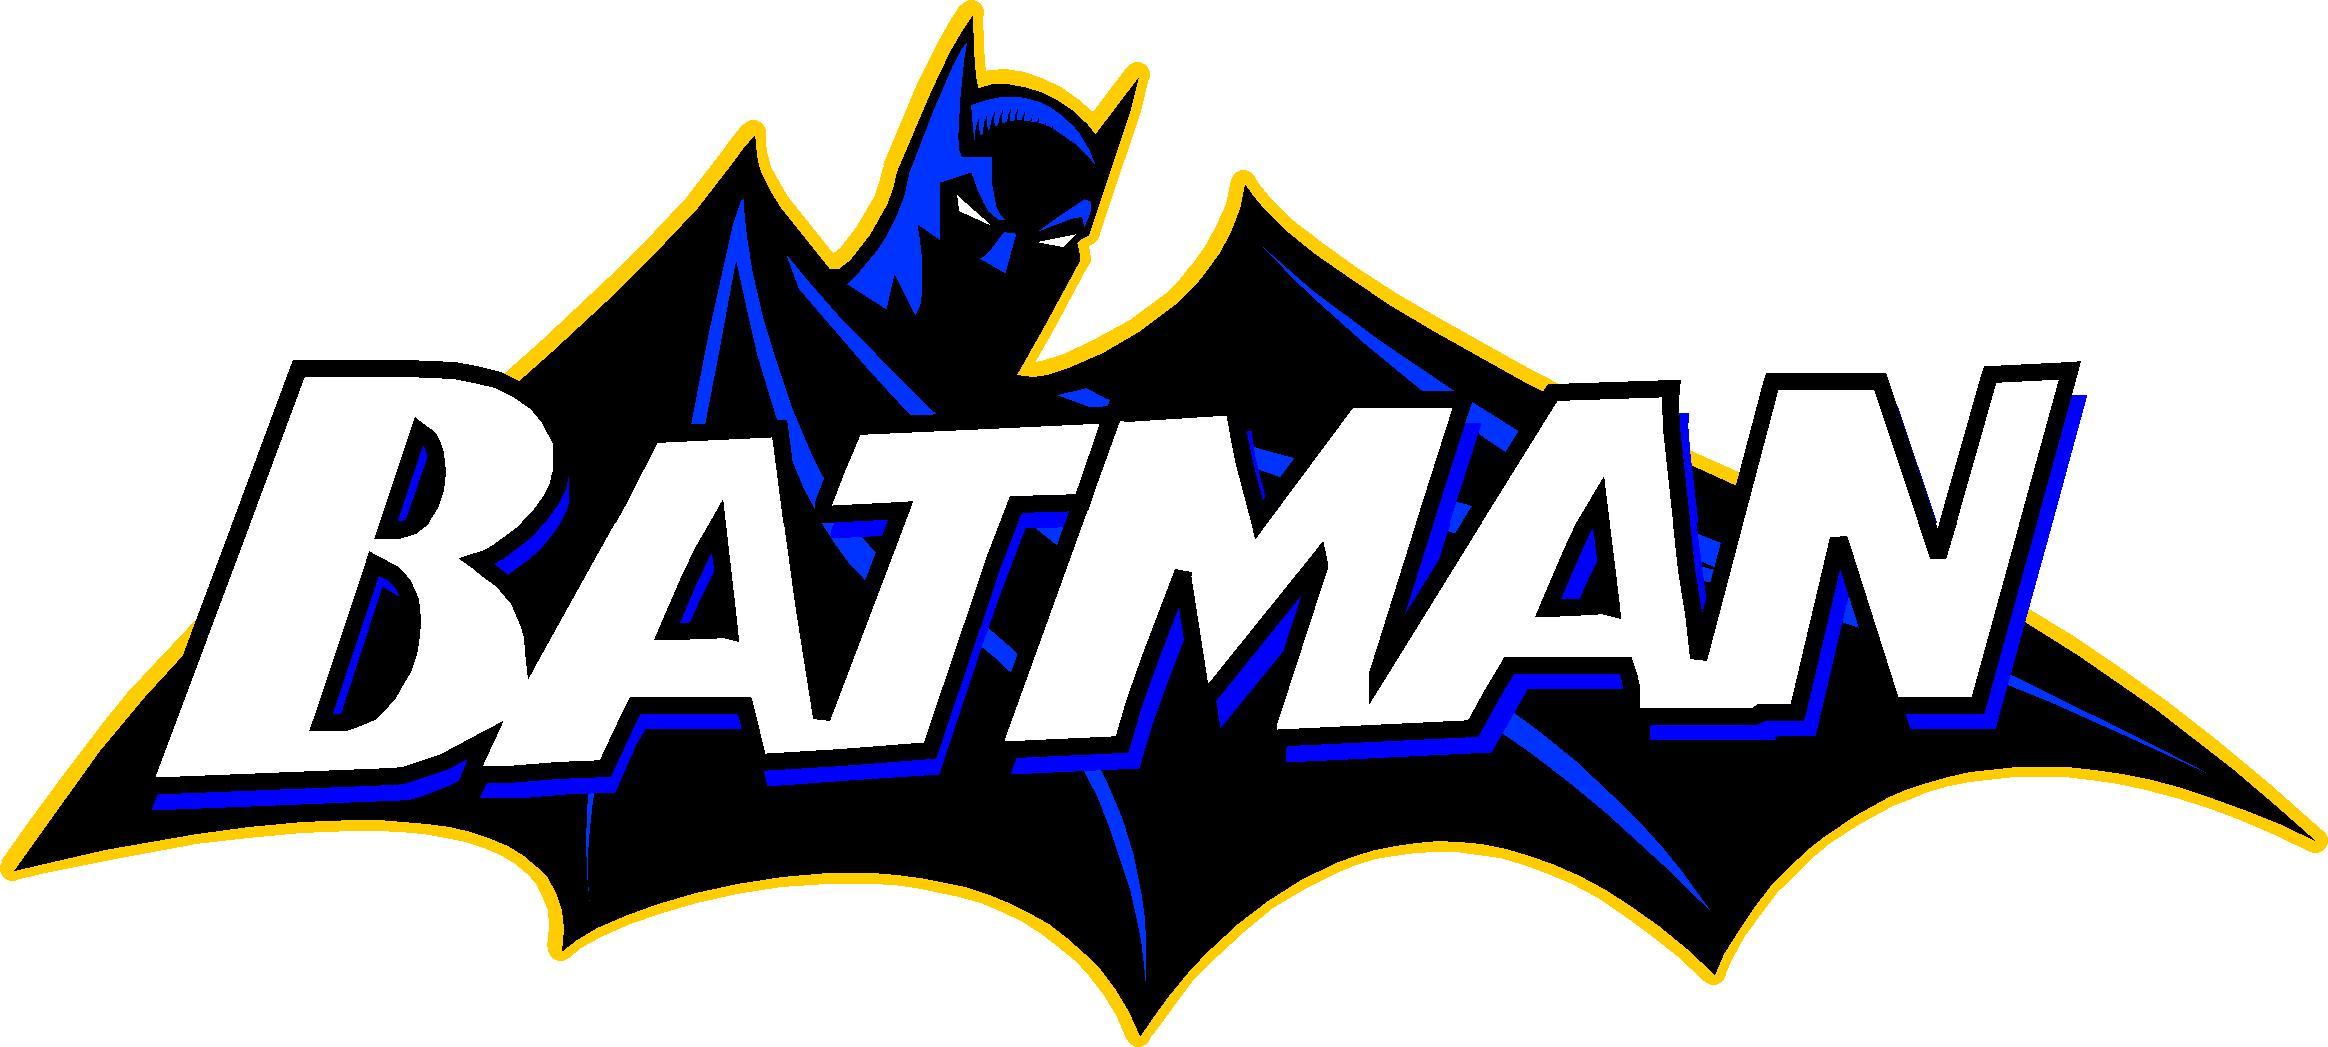 Free logo vector download. Batman clipart batman word